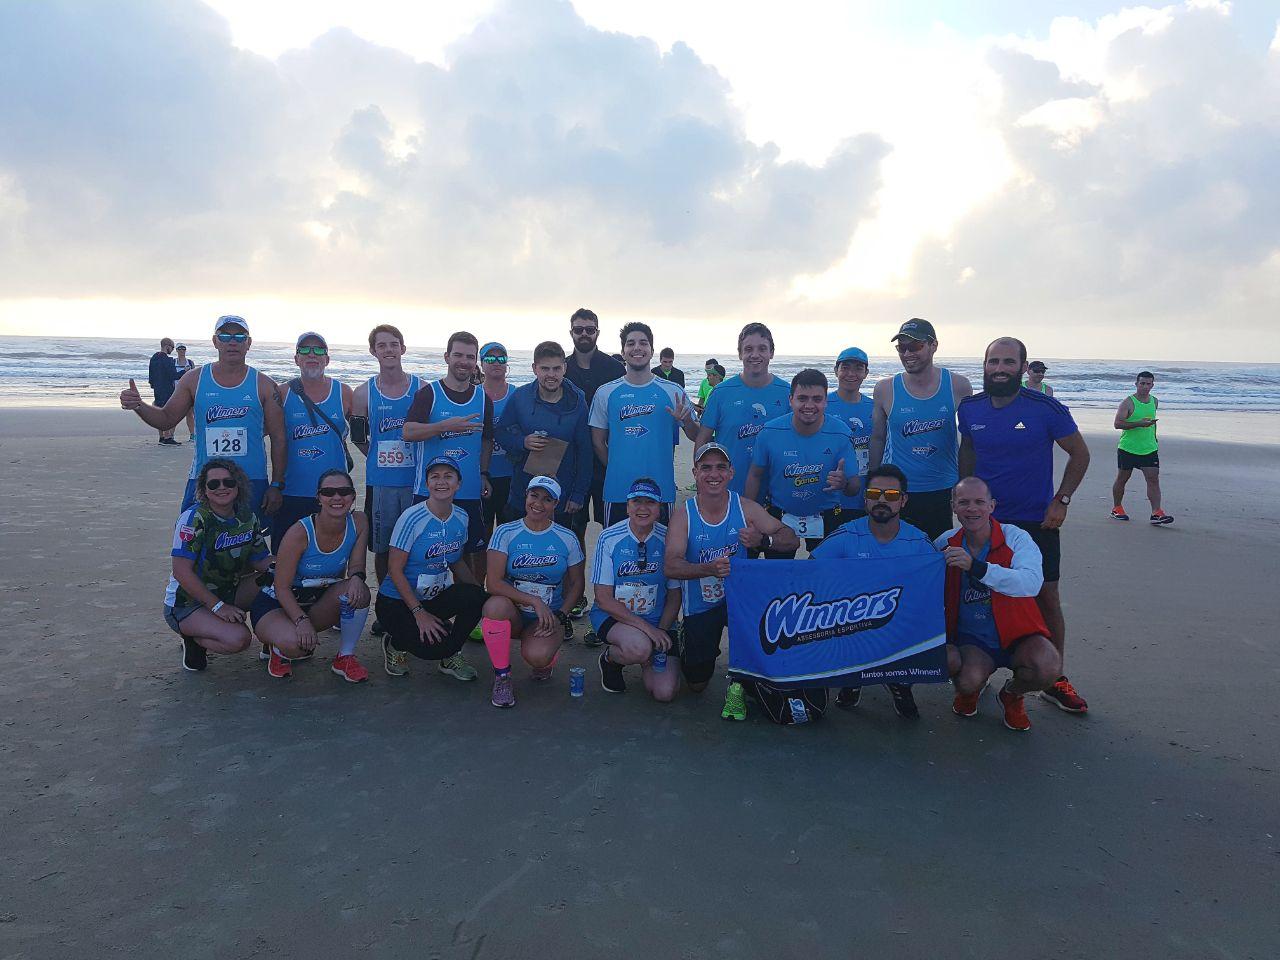 Equipe Winners na praia